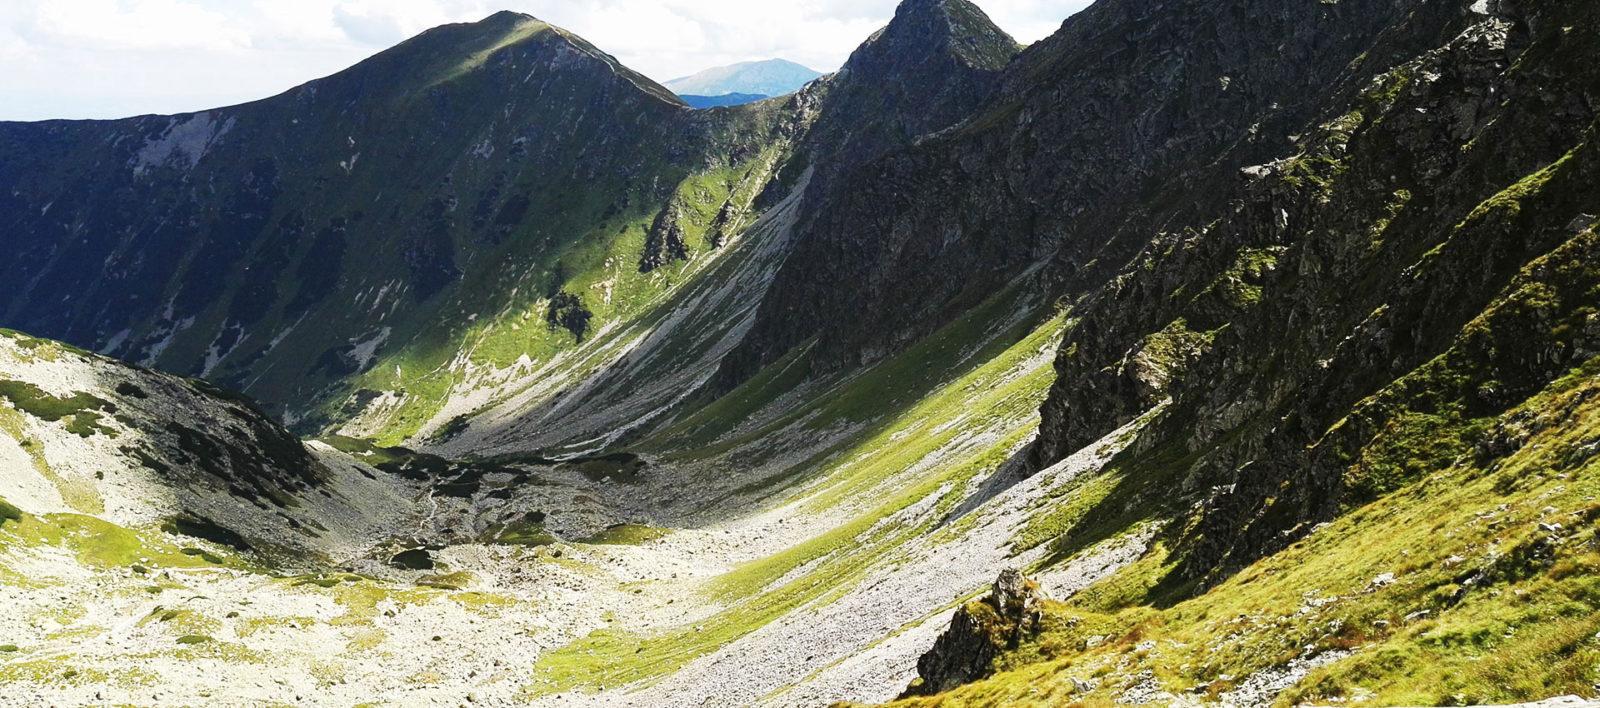 Tatry Zachodnie Tour. Dzień 2 – Żarska Dolina, Bufet Rohacki, Rakoń